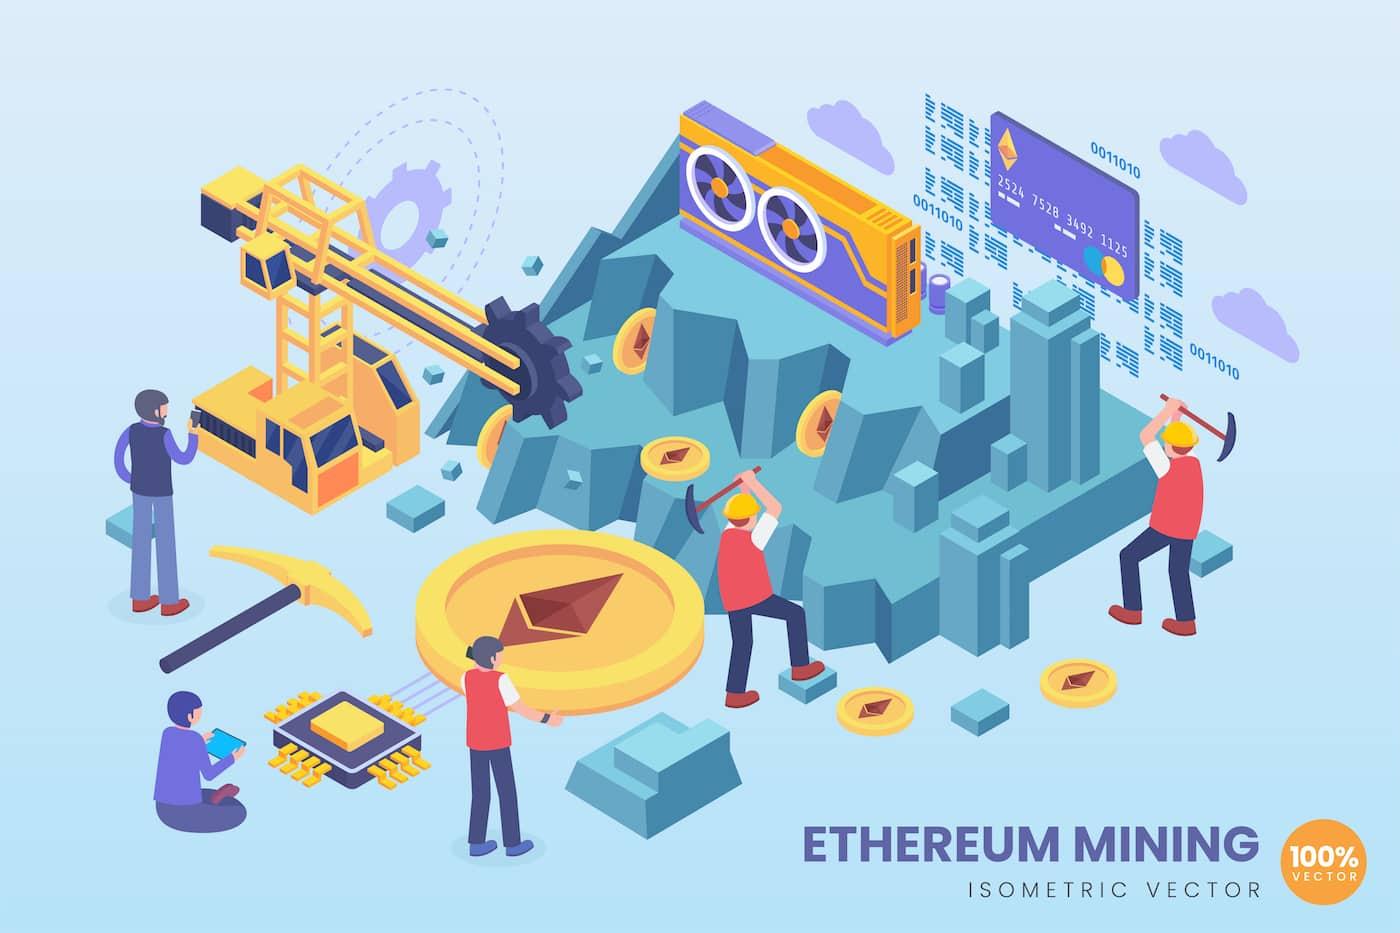 Ethereum 2.0 Mining